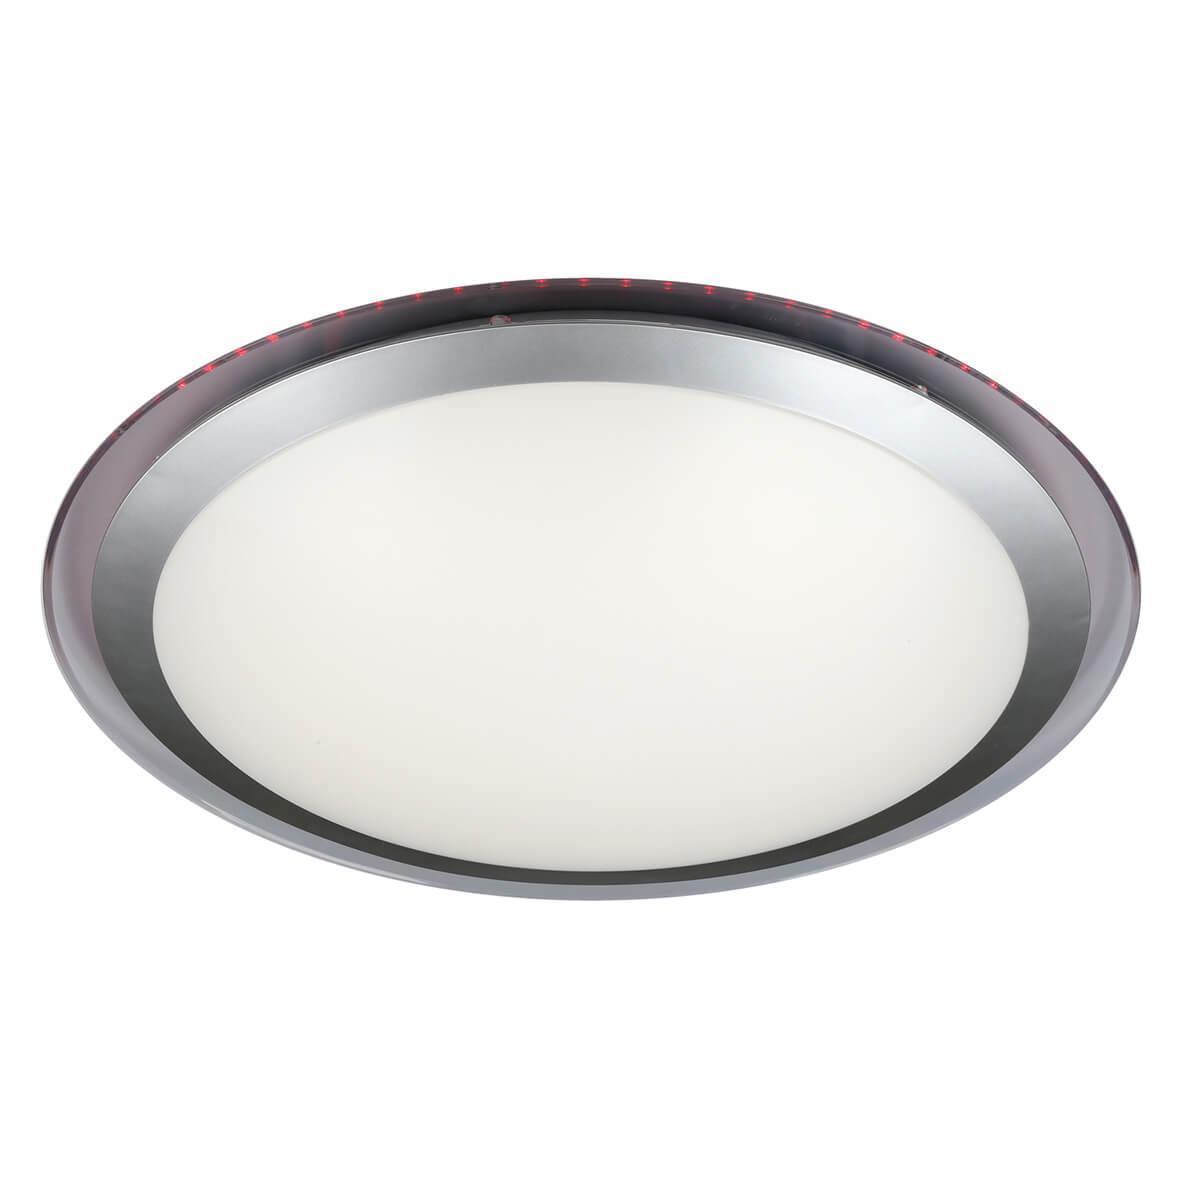 купить Потолочный светильник Omnilux OML-47107-60, белый по цене 8480 рублей